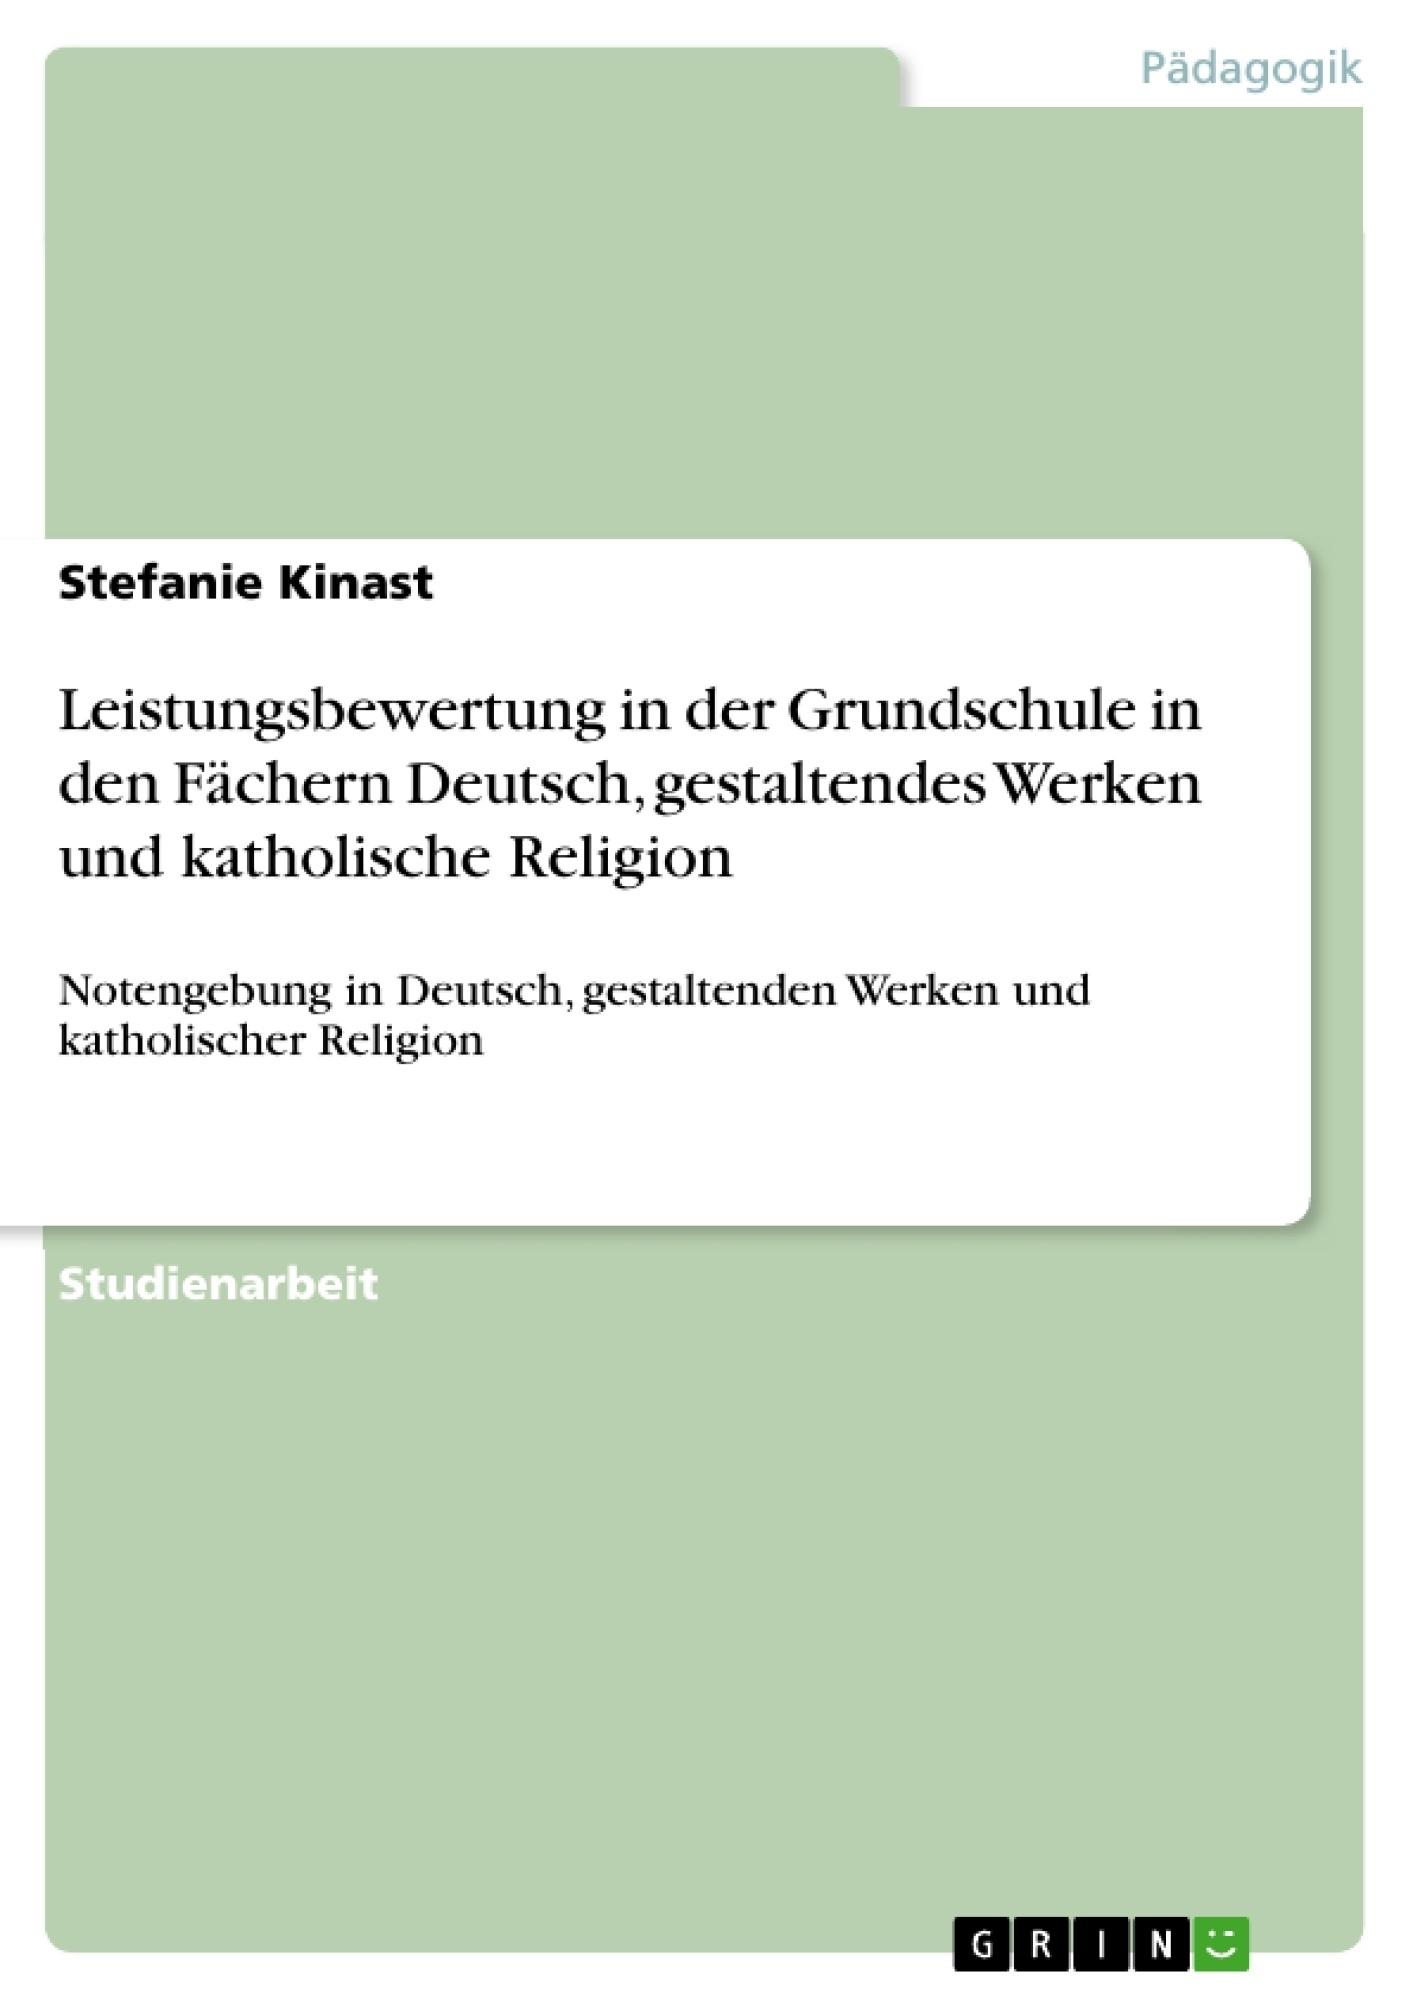 Titel: Leistungsbewertung in der Grundschule in den Fächern Deutsch, gestaltendes Werken und katholische Religion